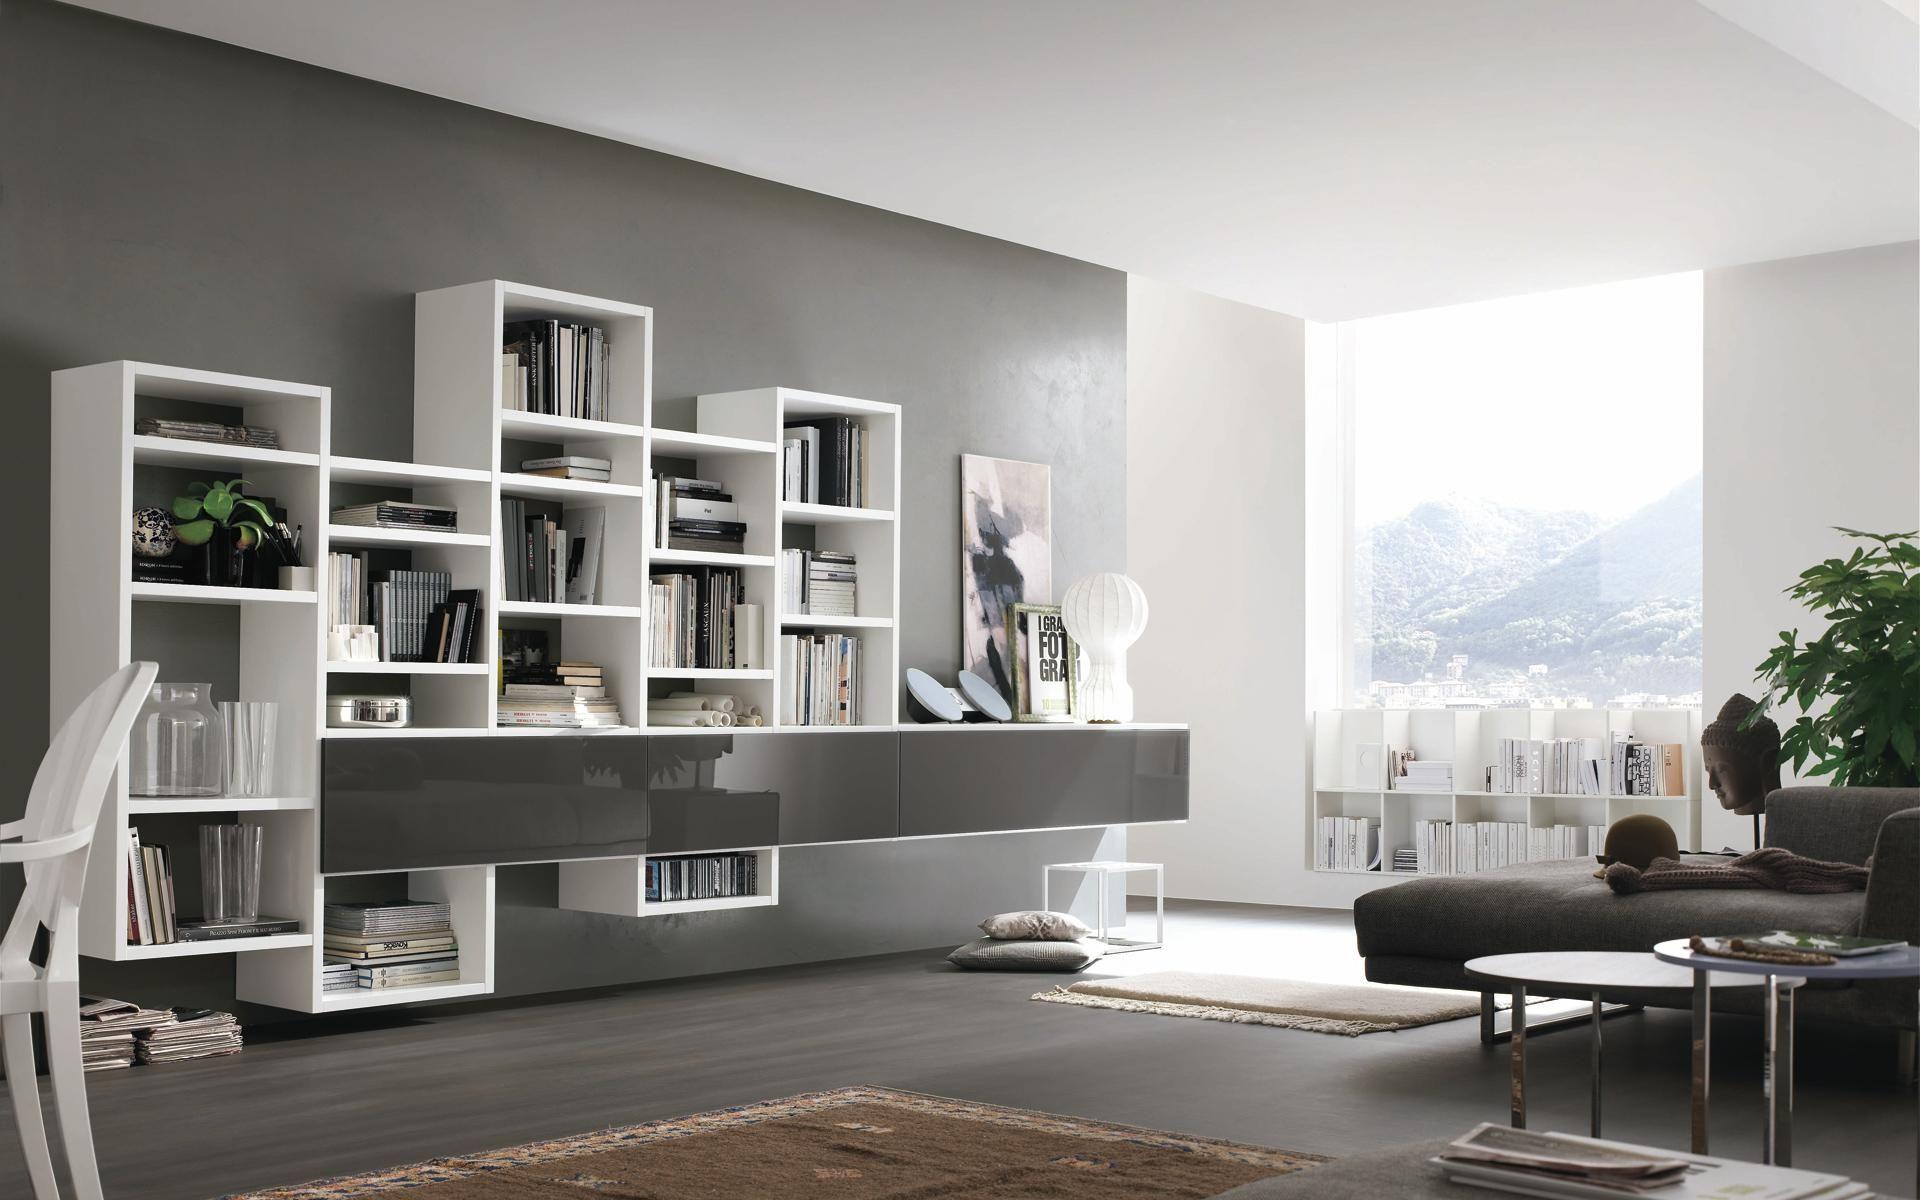 salotti moderni di lusso - Cerca con Google | Decorazione ambienti ...